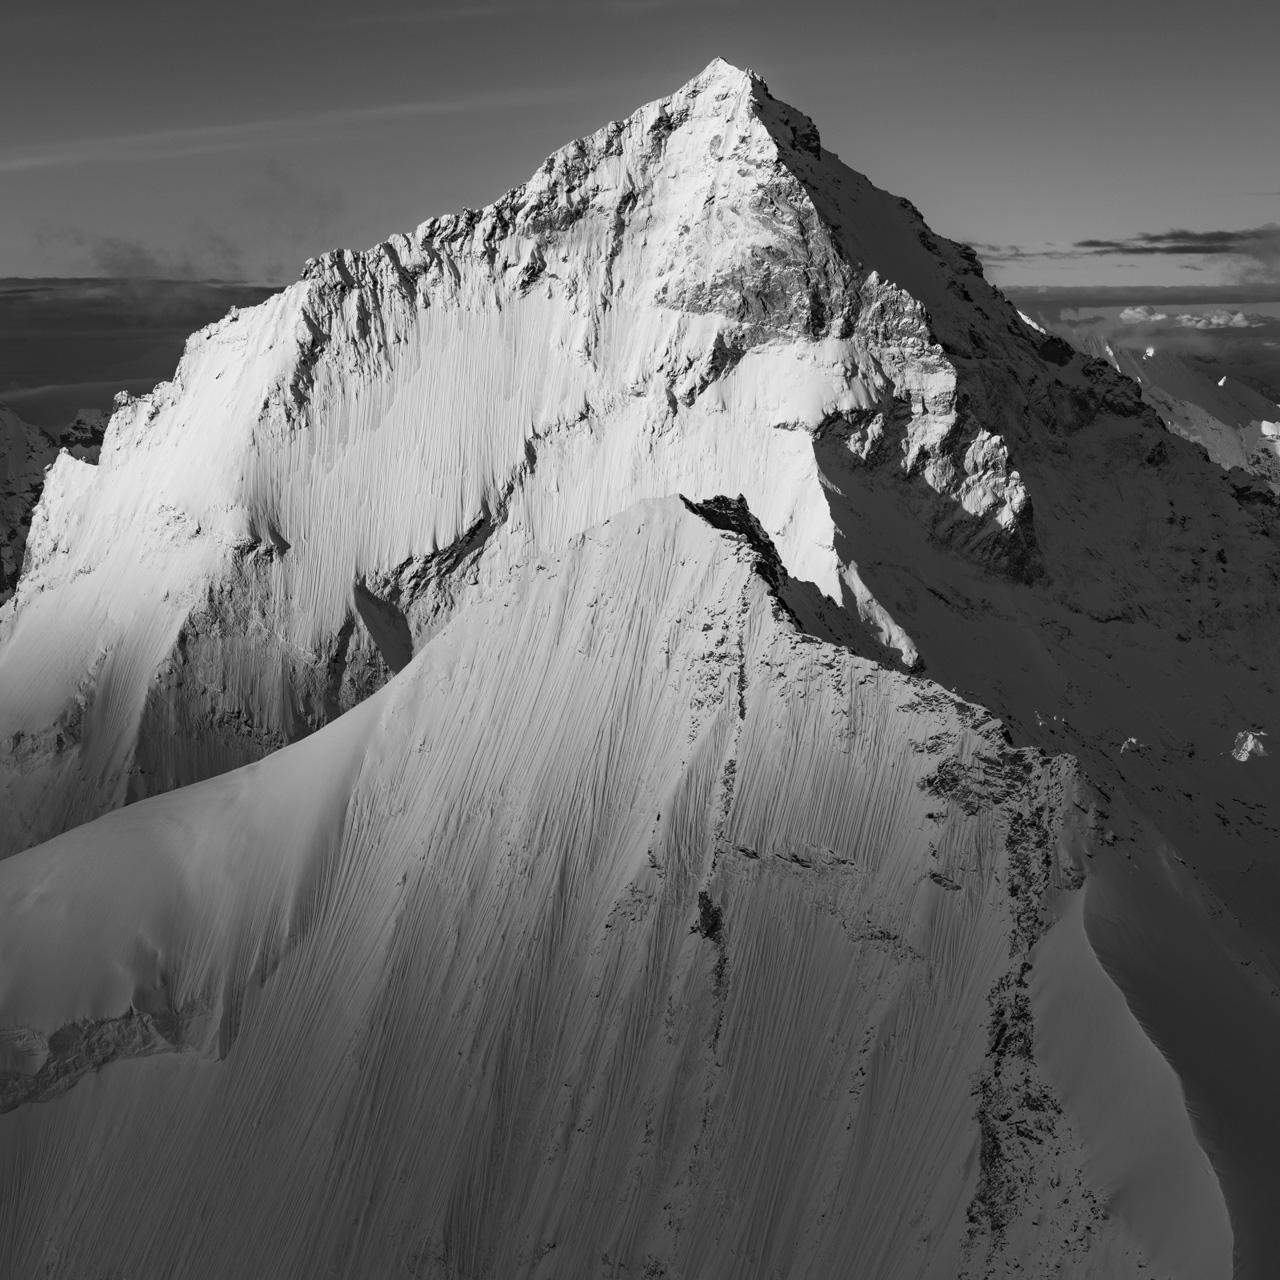 Photographie noir et blanc de la Dent Blanche et du Grand Cornier - Empilement Dent Blanche et Grand Cornier